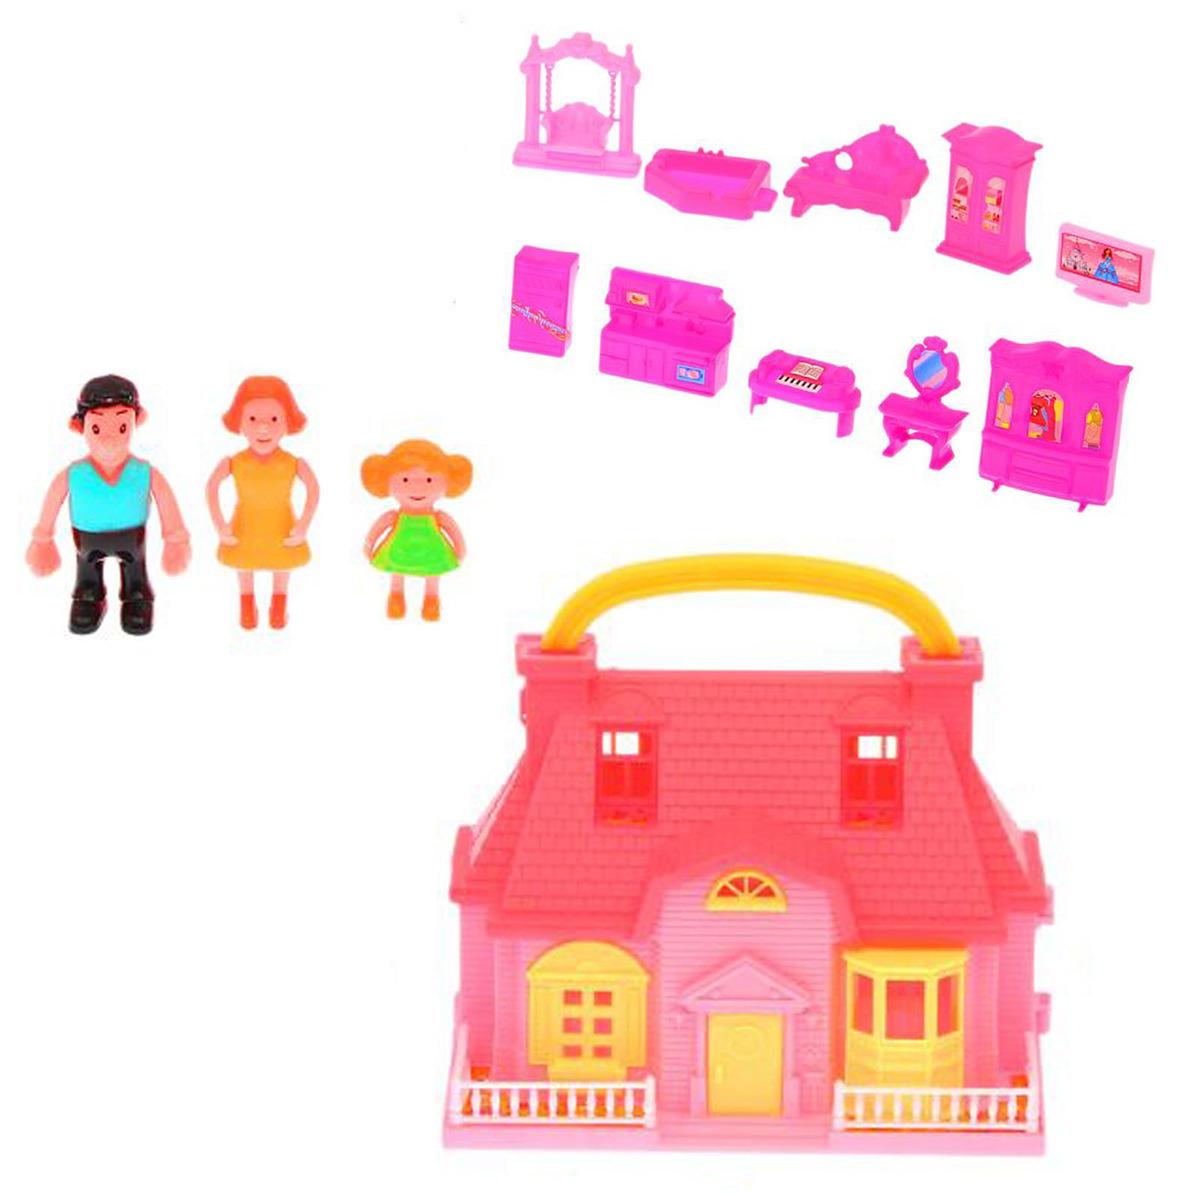 Дом для кукол, 1844125, складной, с фигурками и мебелью